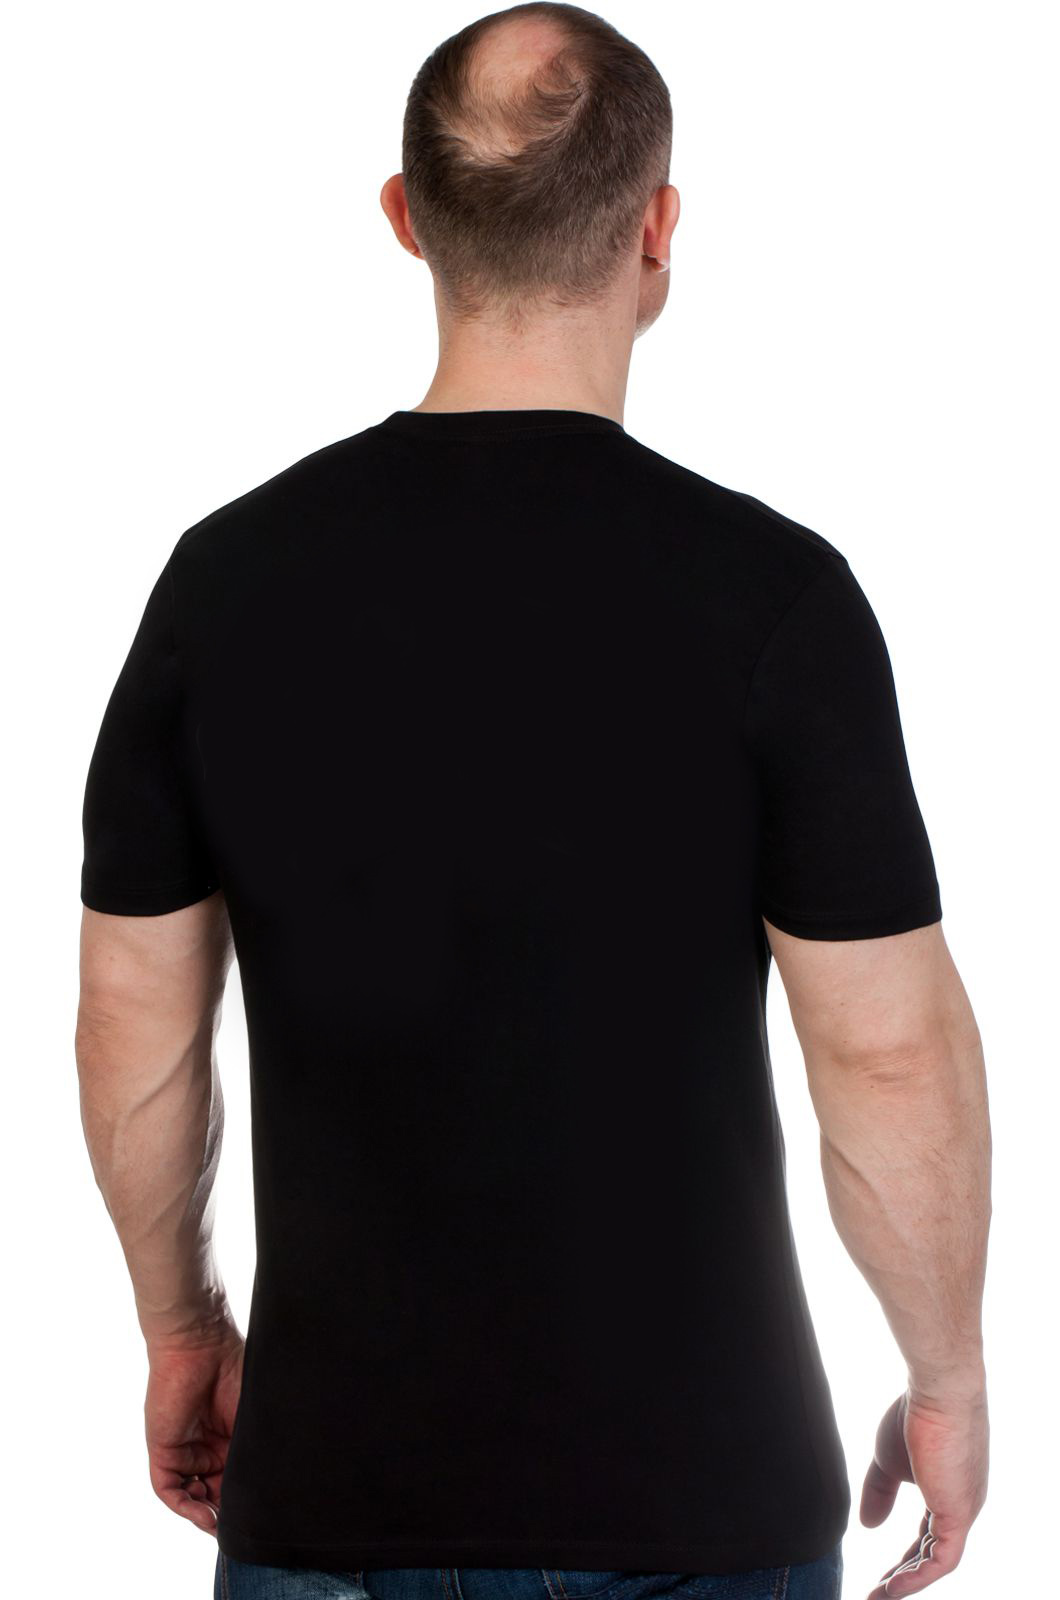 Мужская футболка с эмблемой ФСИН с доставкой